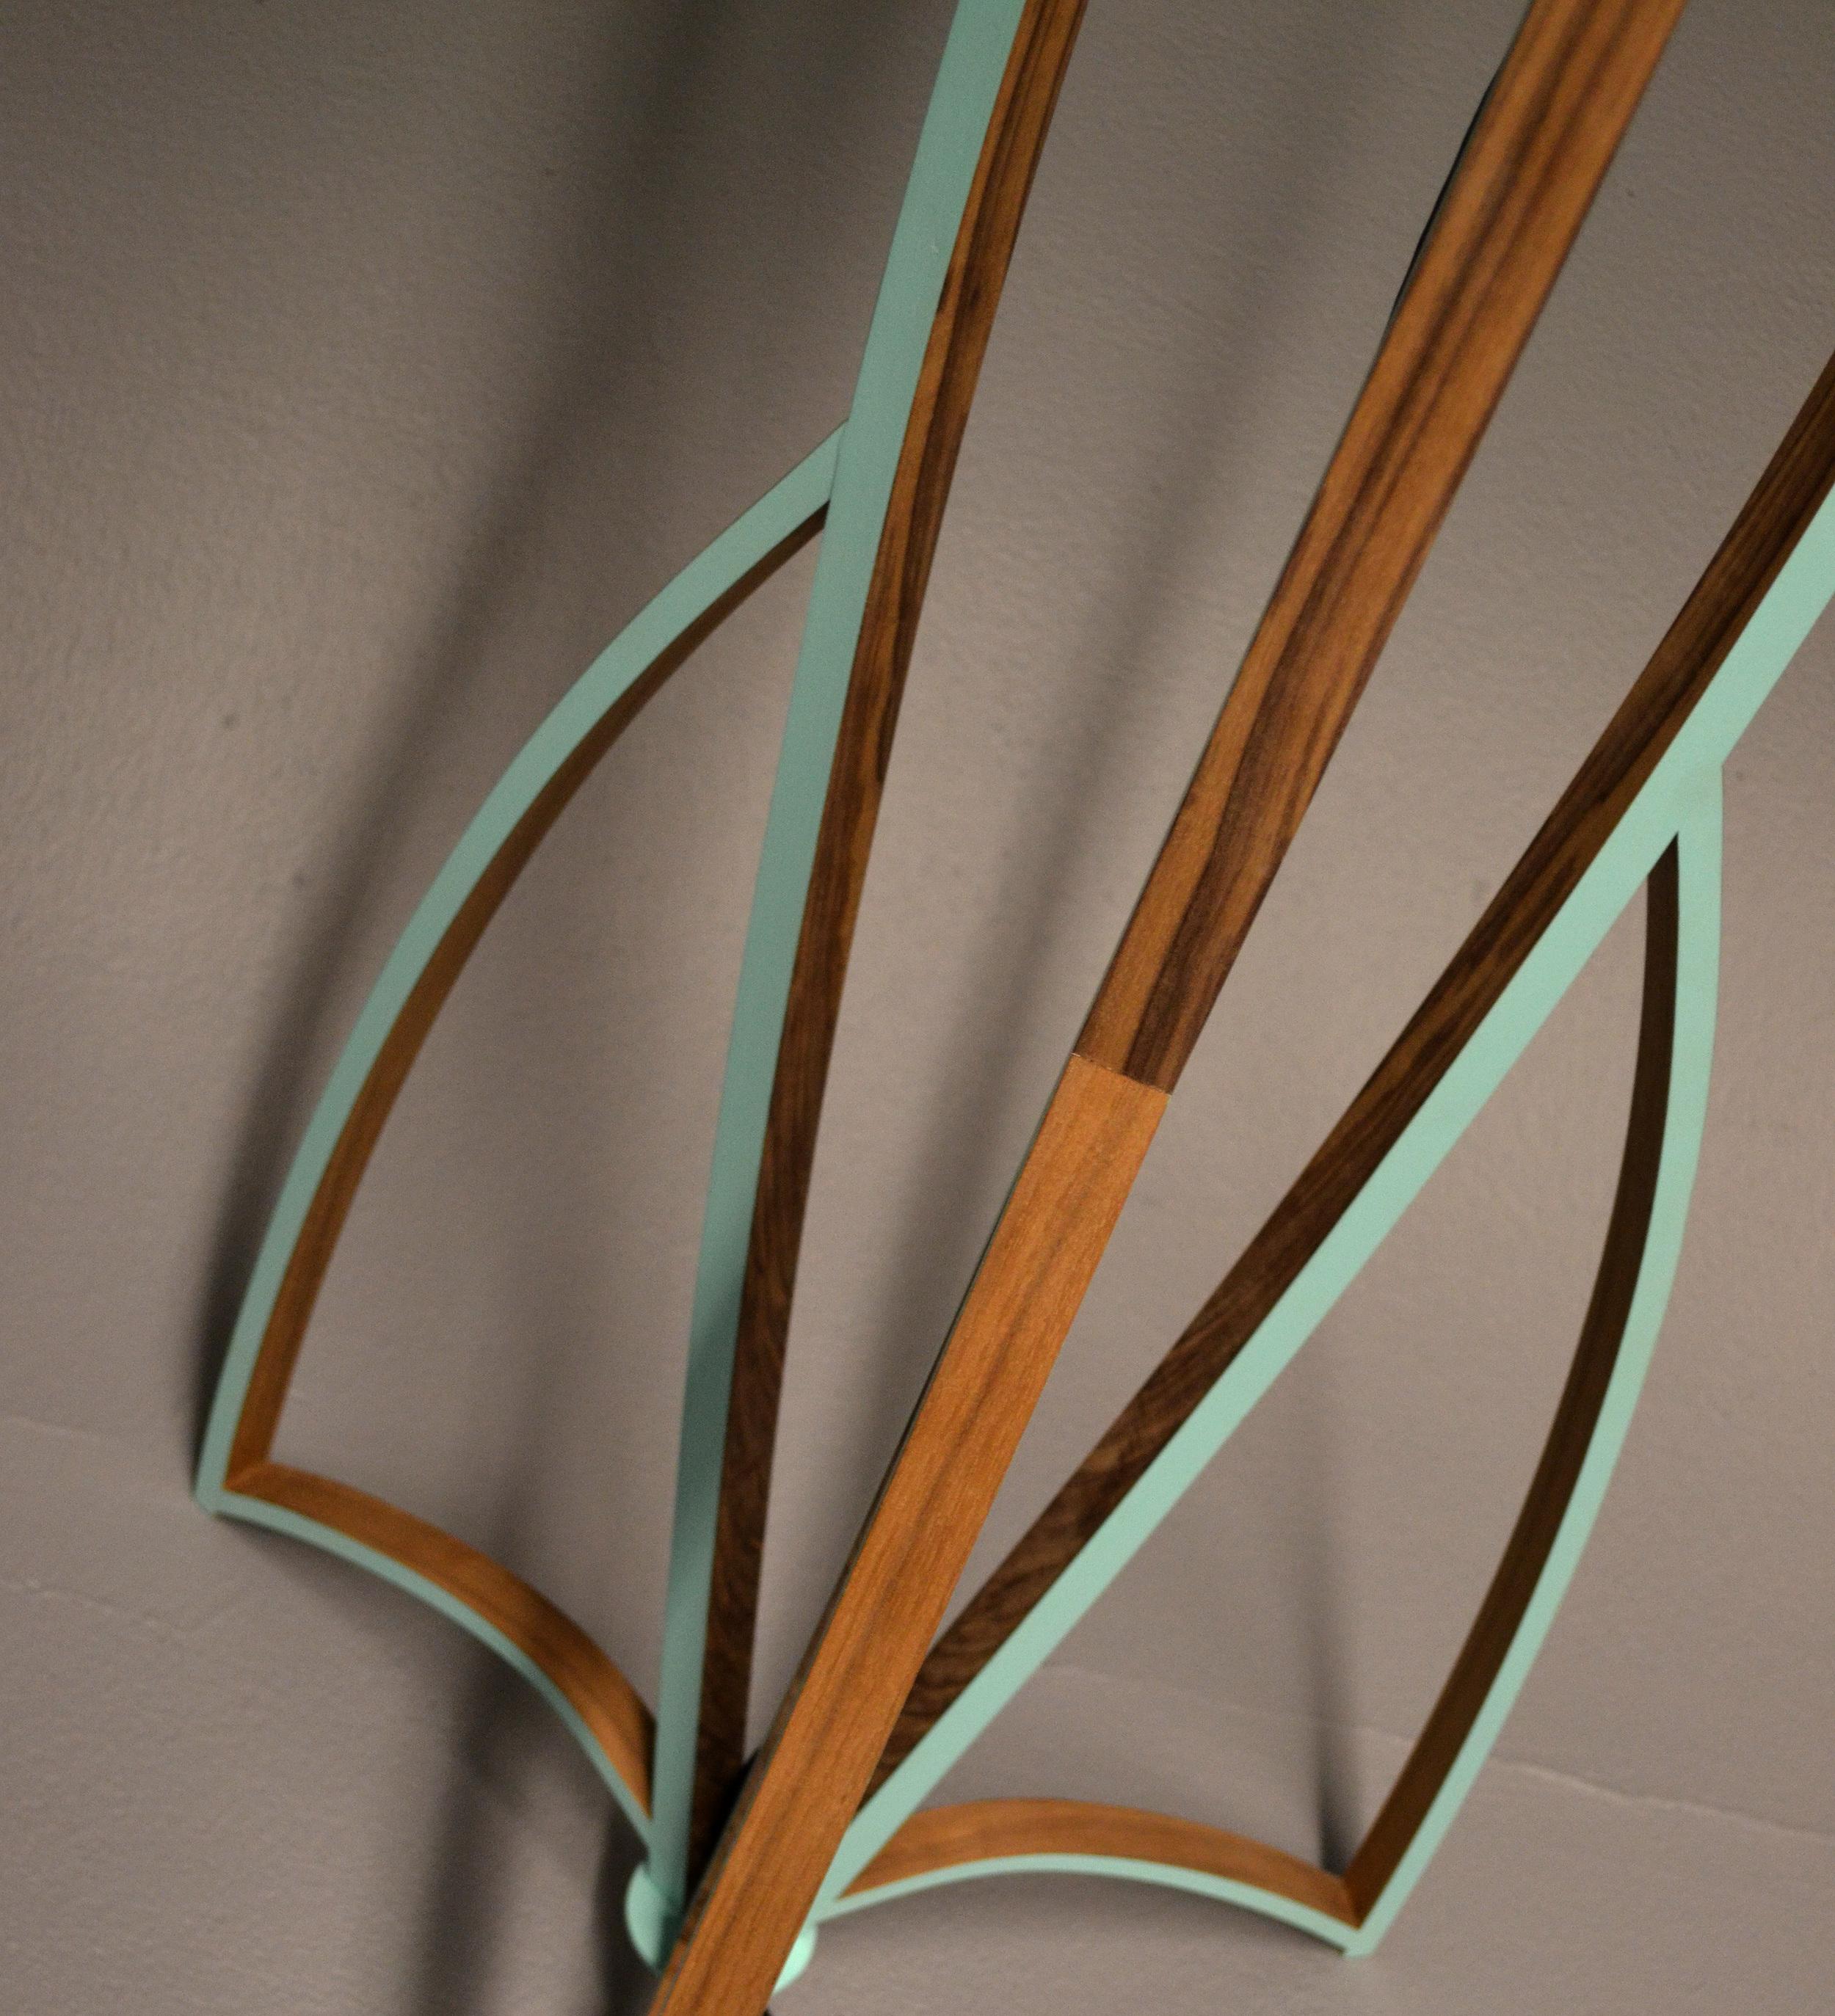 Tsiolkovsky Lamp, 2013    2 1/2' x 2 1/2' x 8'  Walnut Veneer, Poplar, Paint